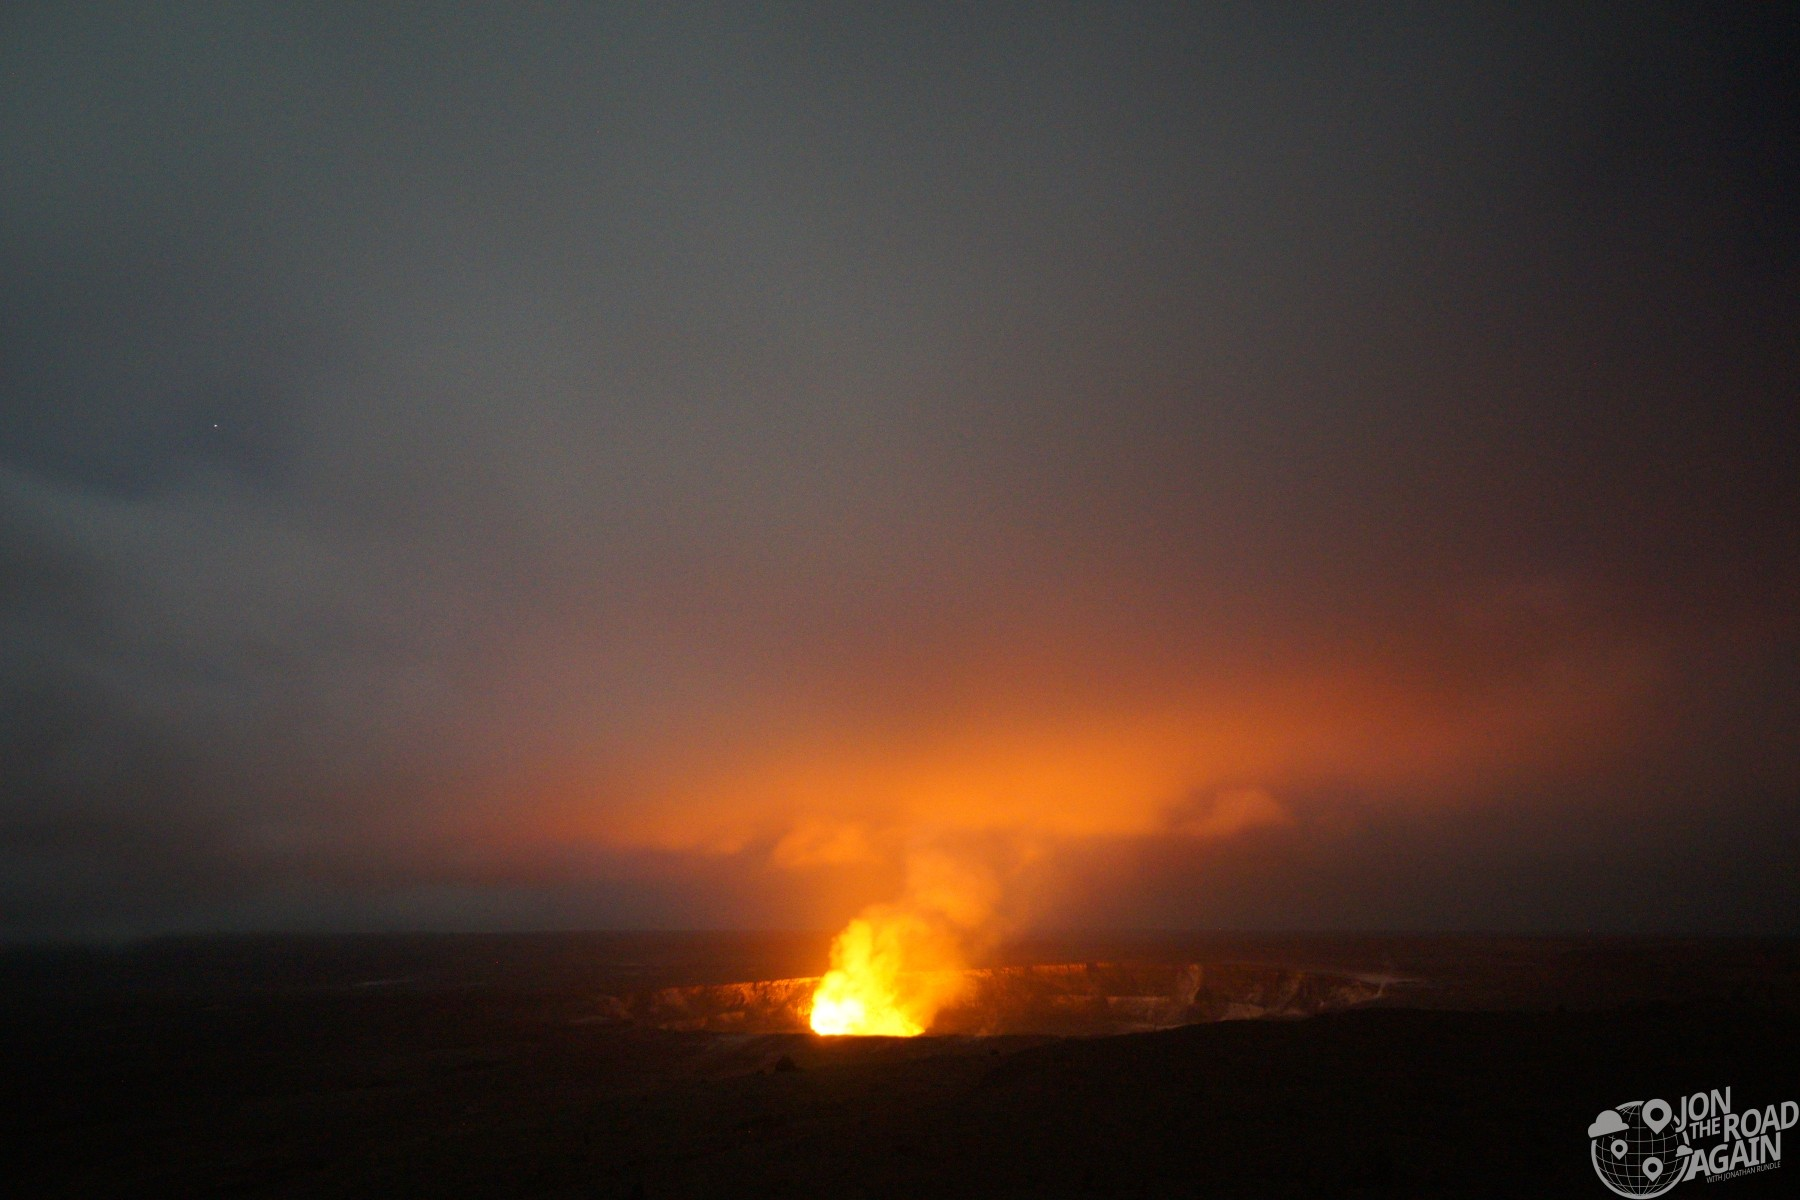 Kilauea crater at night